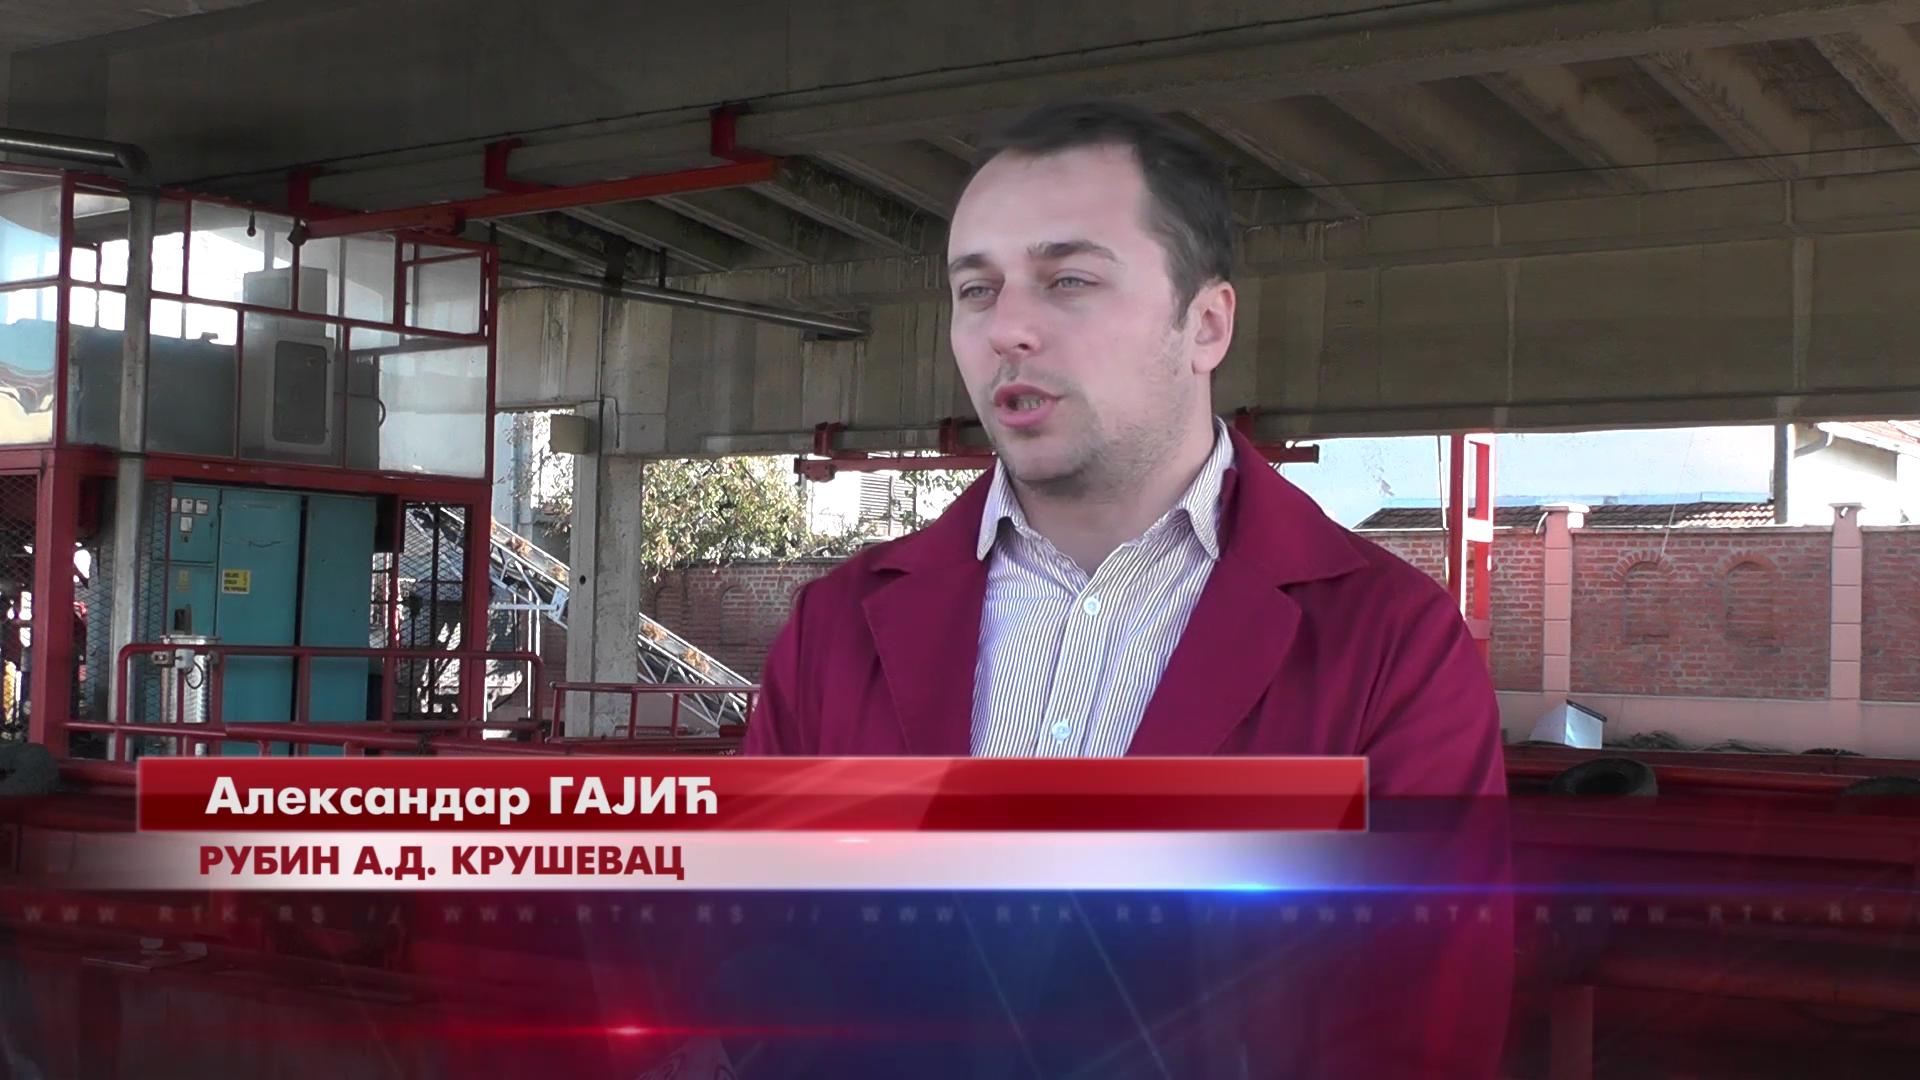 """Kruševački """"Rubin"""" AD do 1. novembra otkupljuje grožđe od poljoprivrednika"""